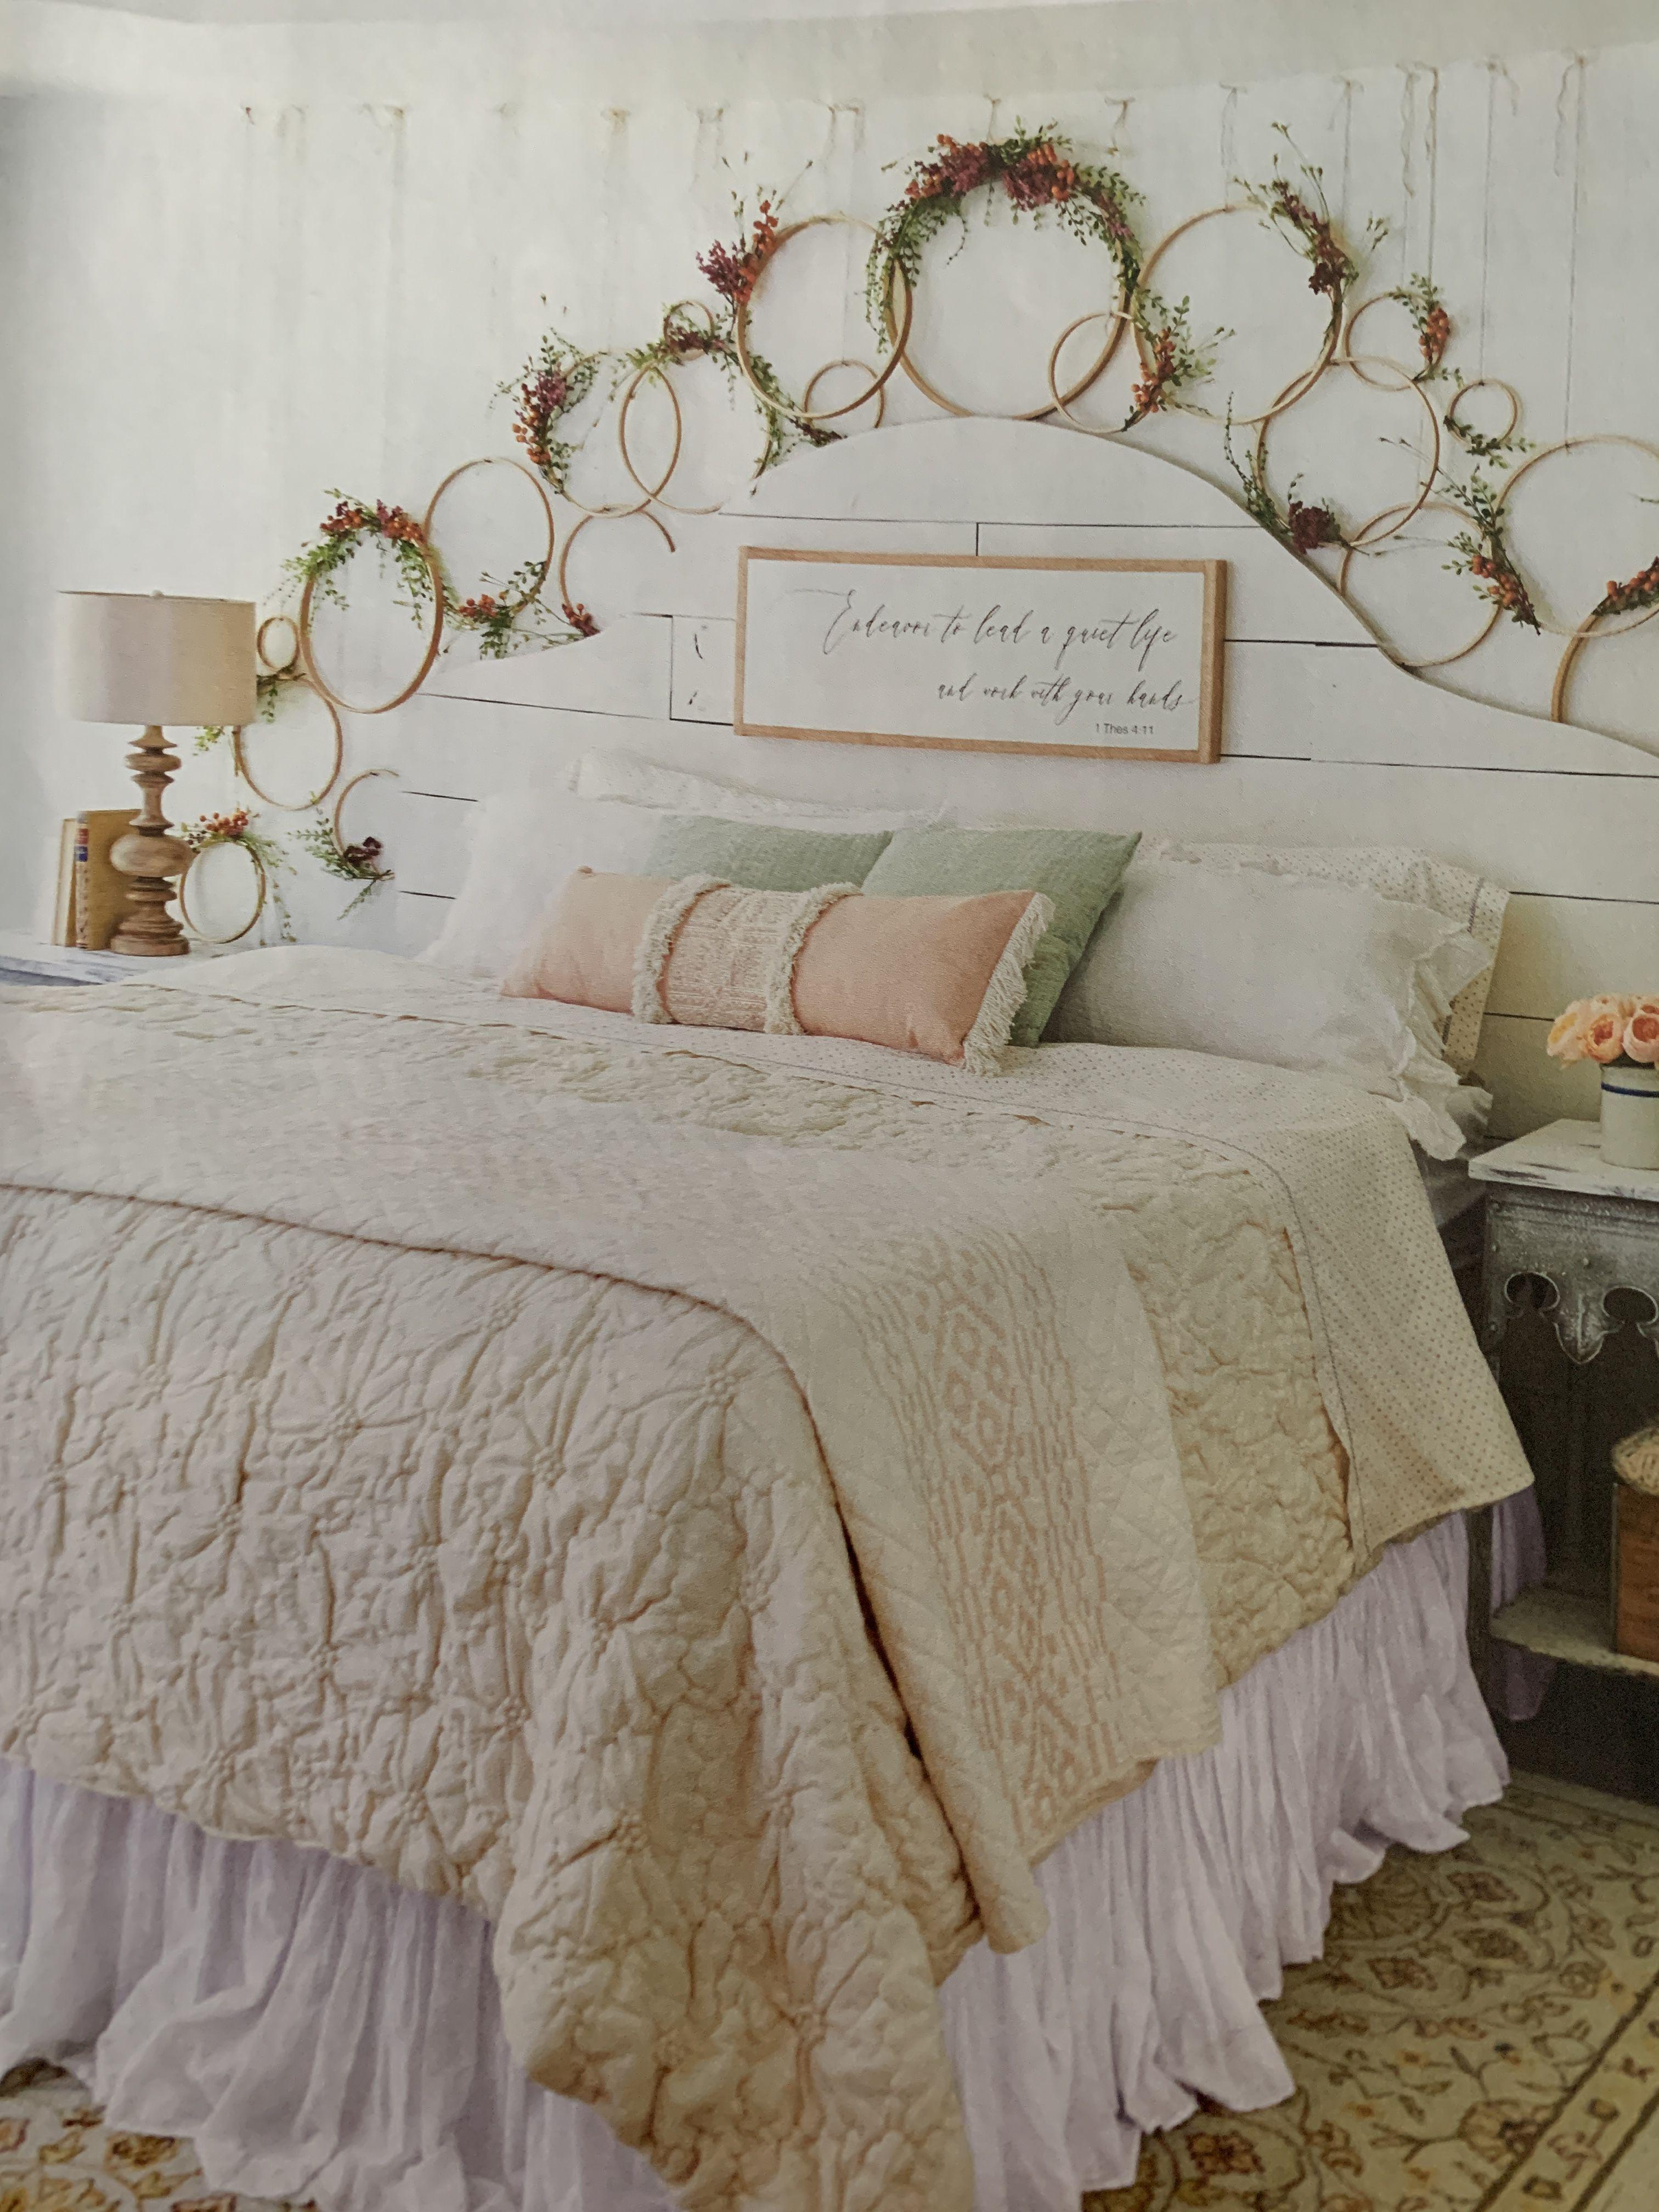 Headboard | Master bedroom, Headboard, Home decor